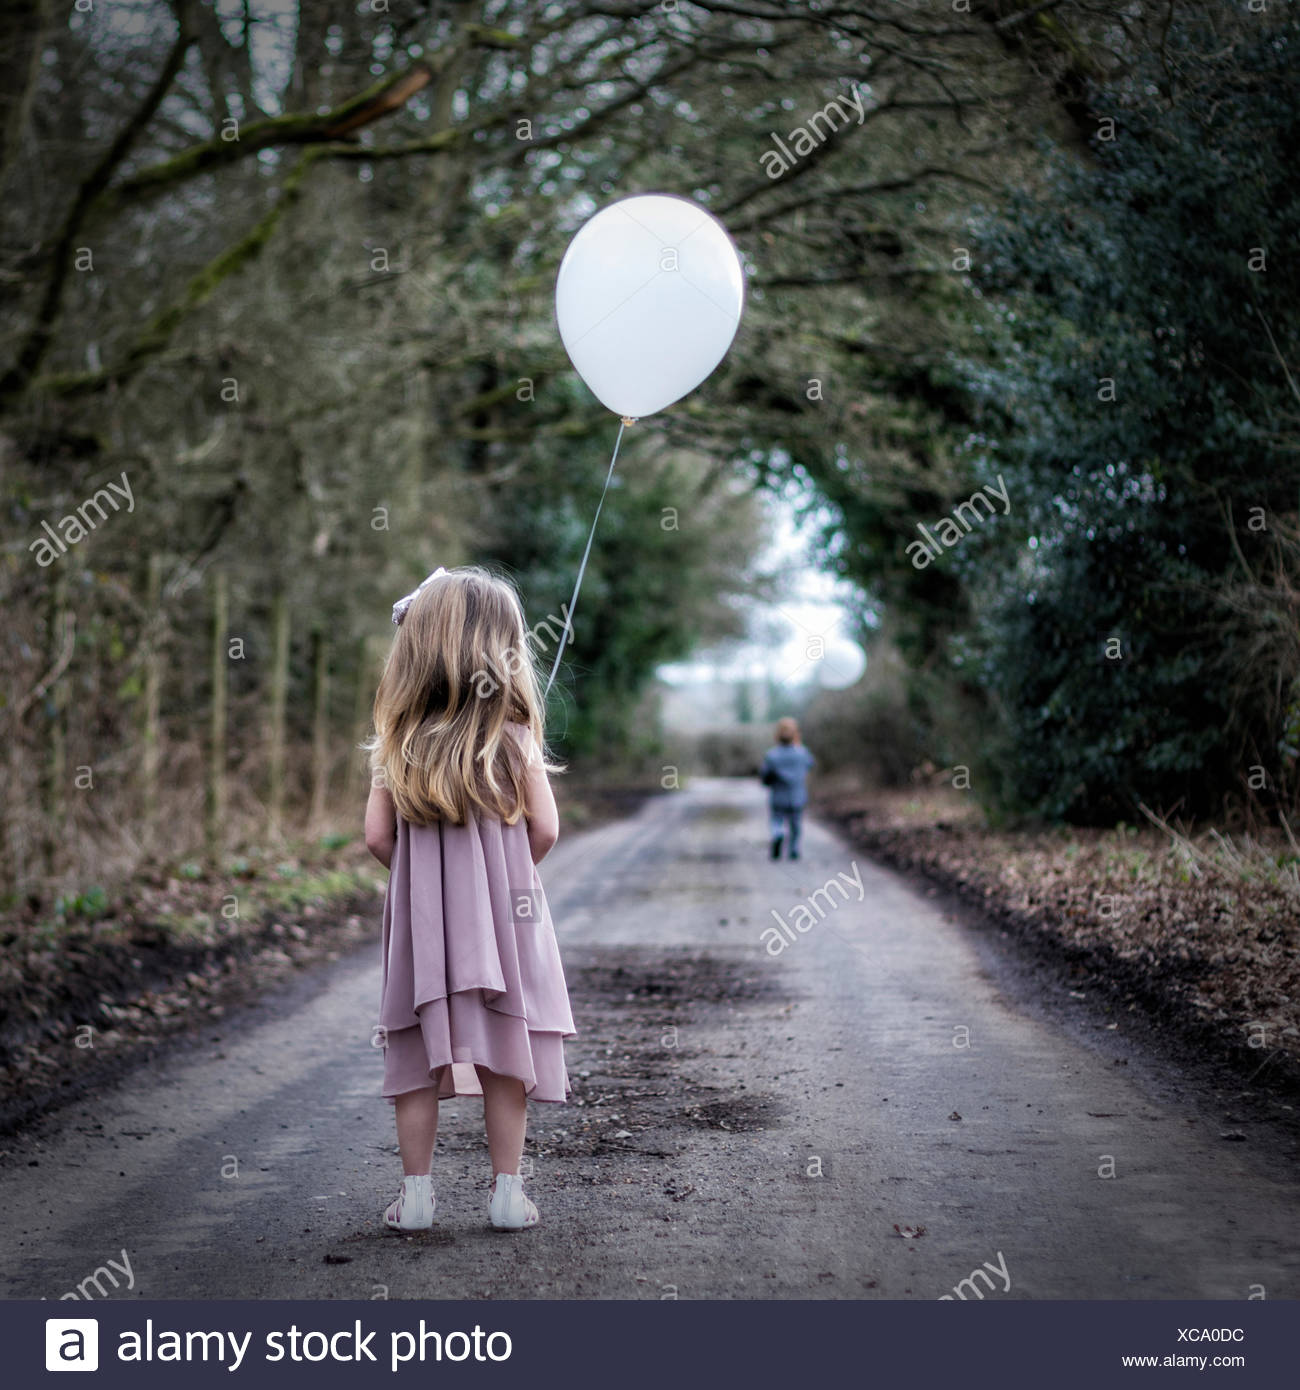 Vista trasera de Chica sujetando un globo mirando niño corriendo lejos de ella Imagen De Stock